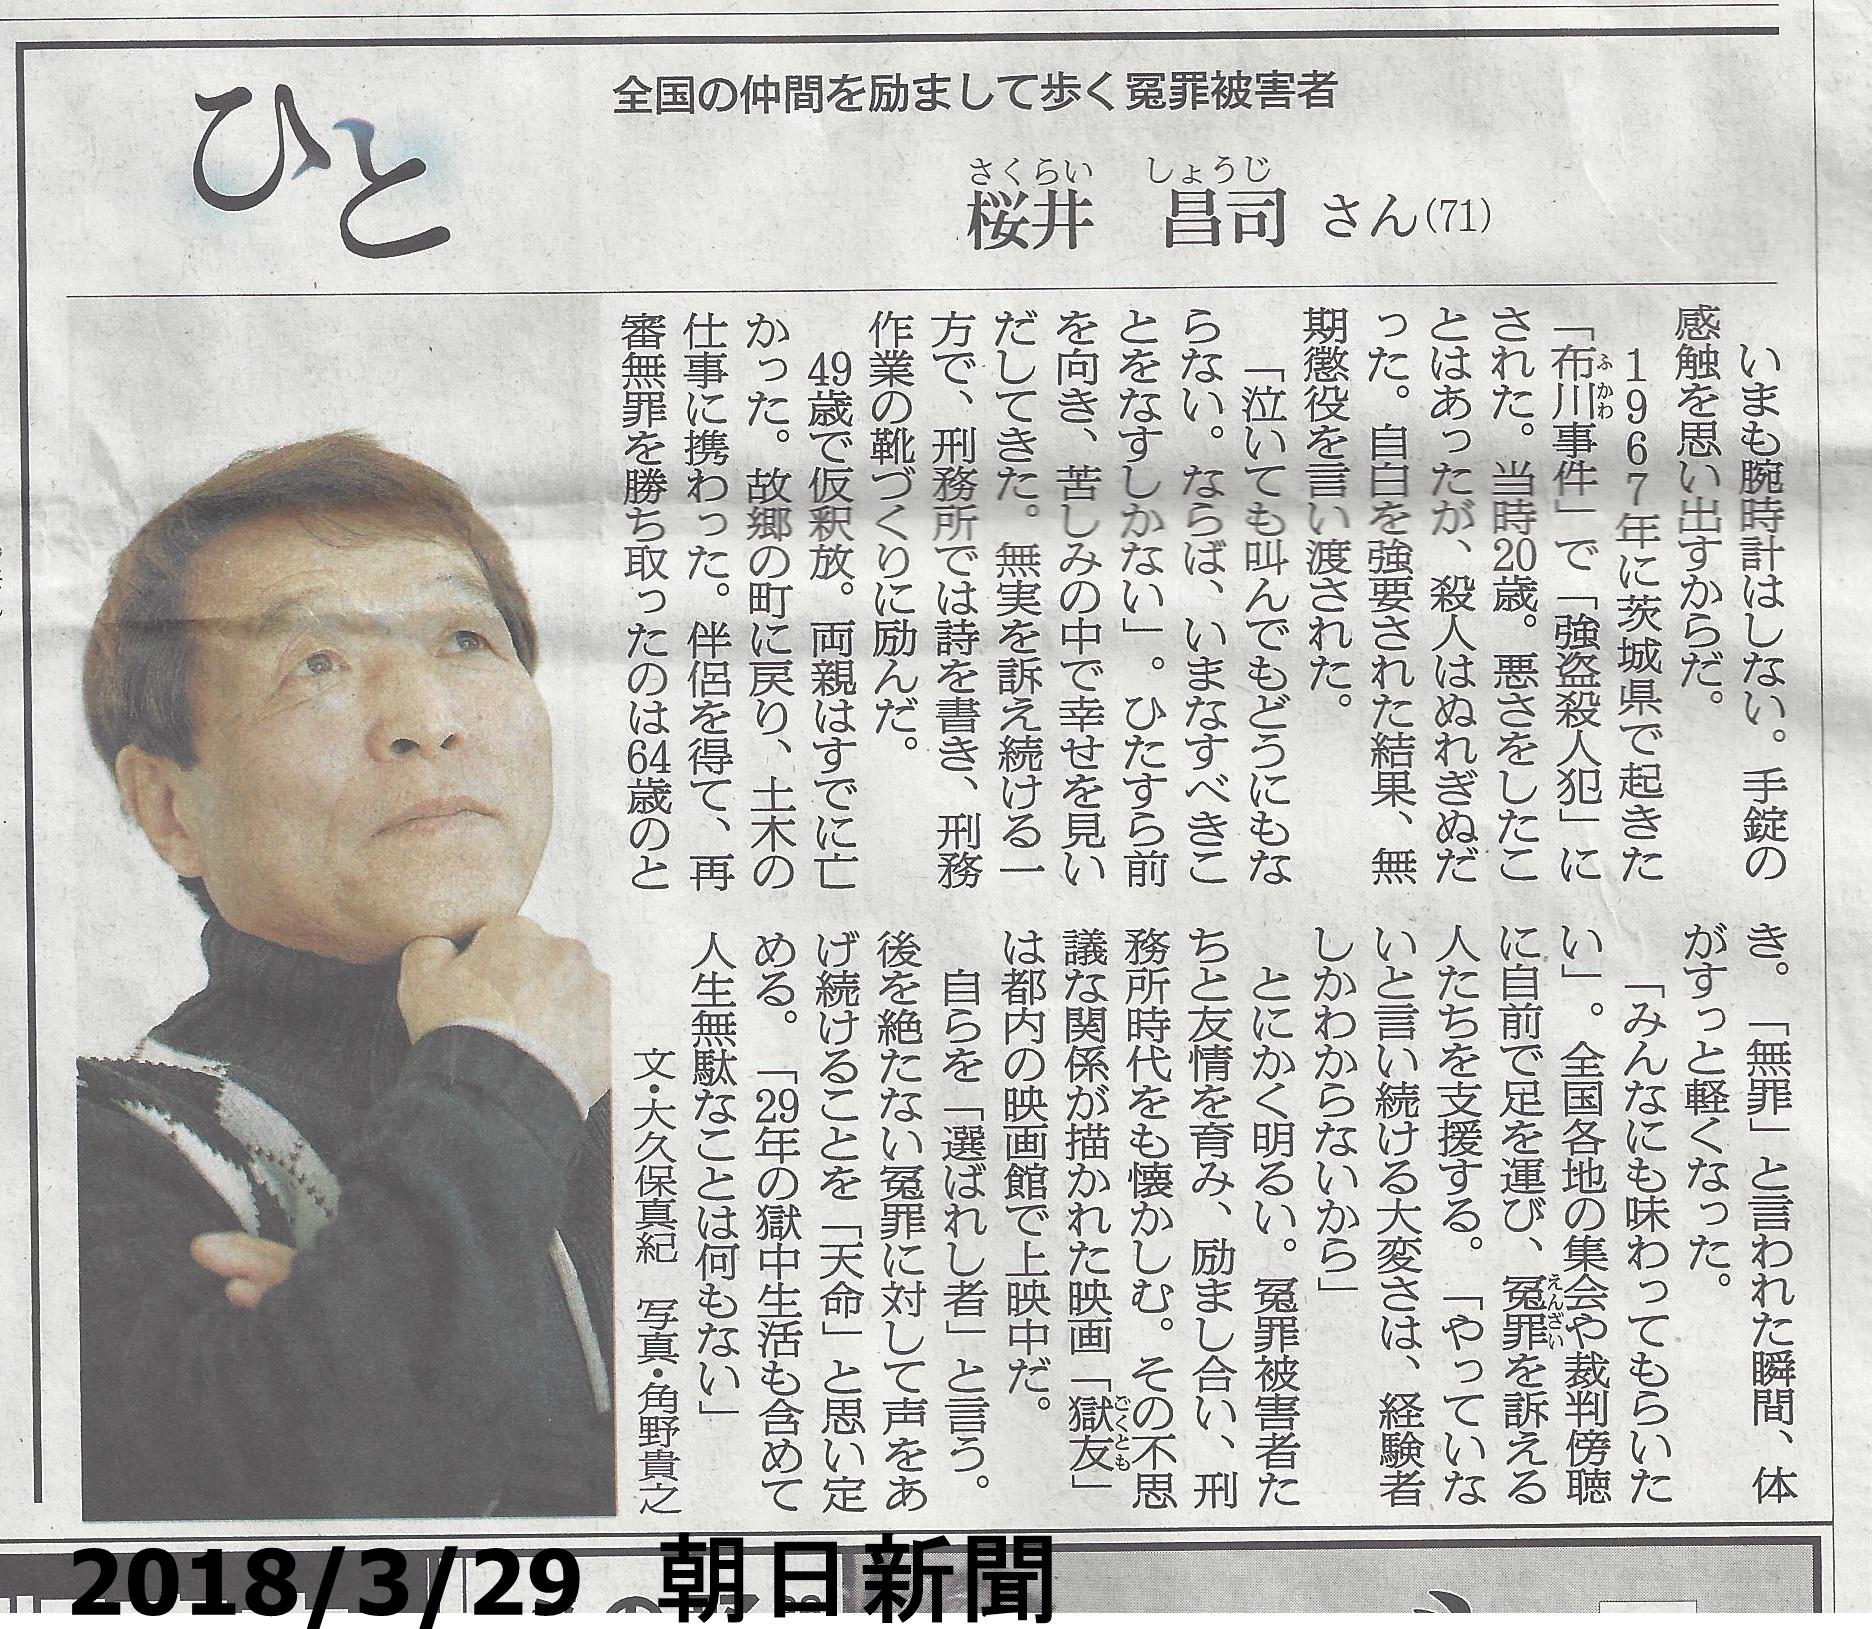 2018.3.29 朝日新聞